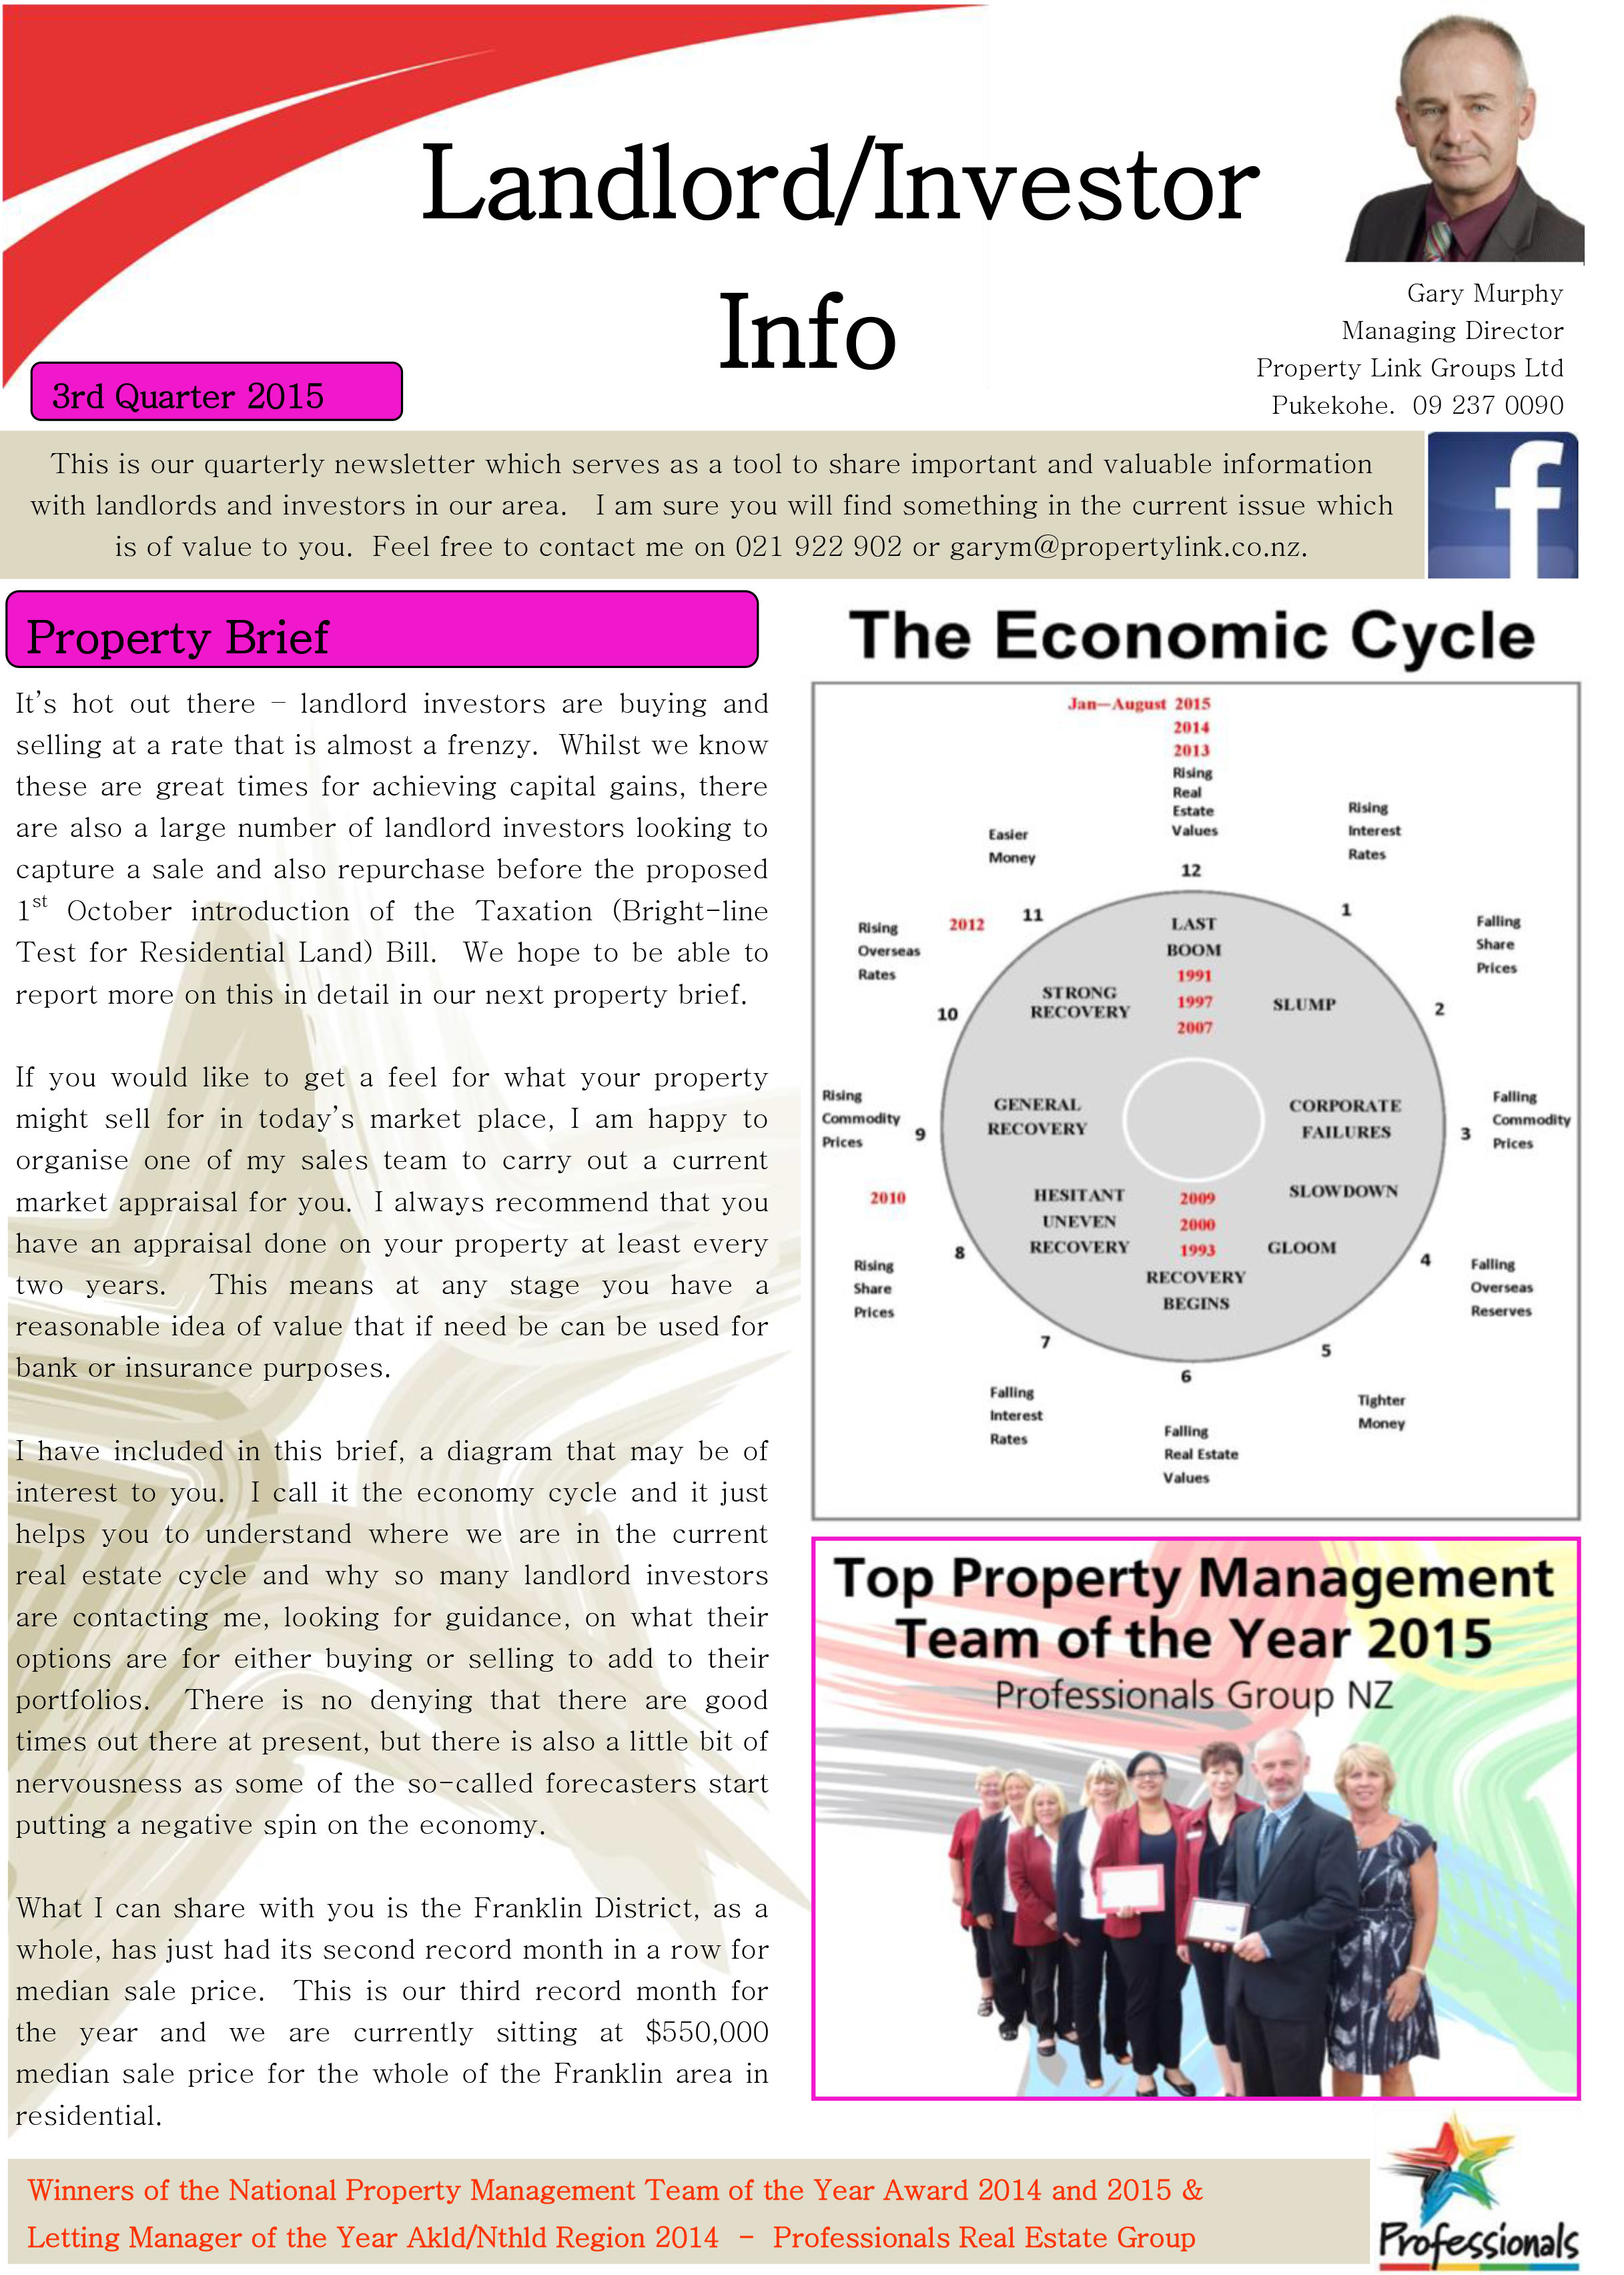 Landlord Investor News thumbnail.jpg